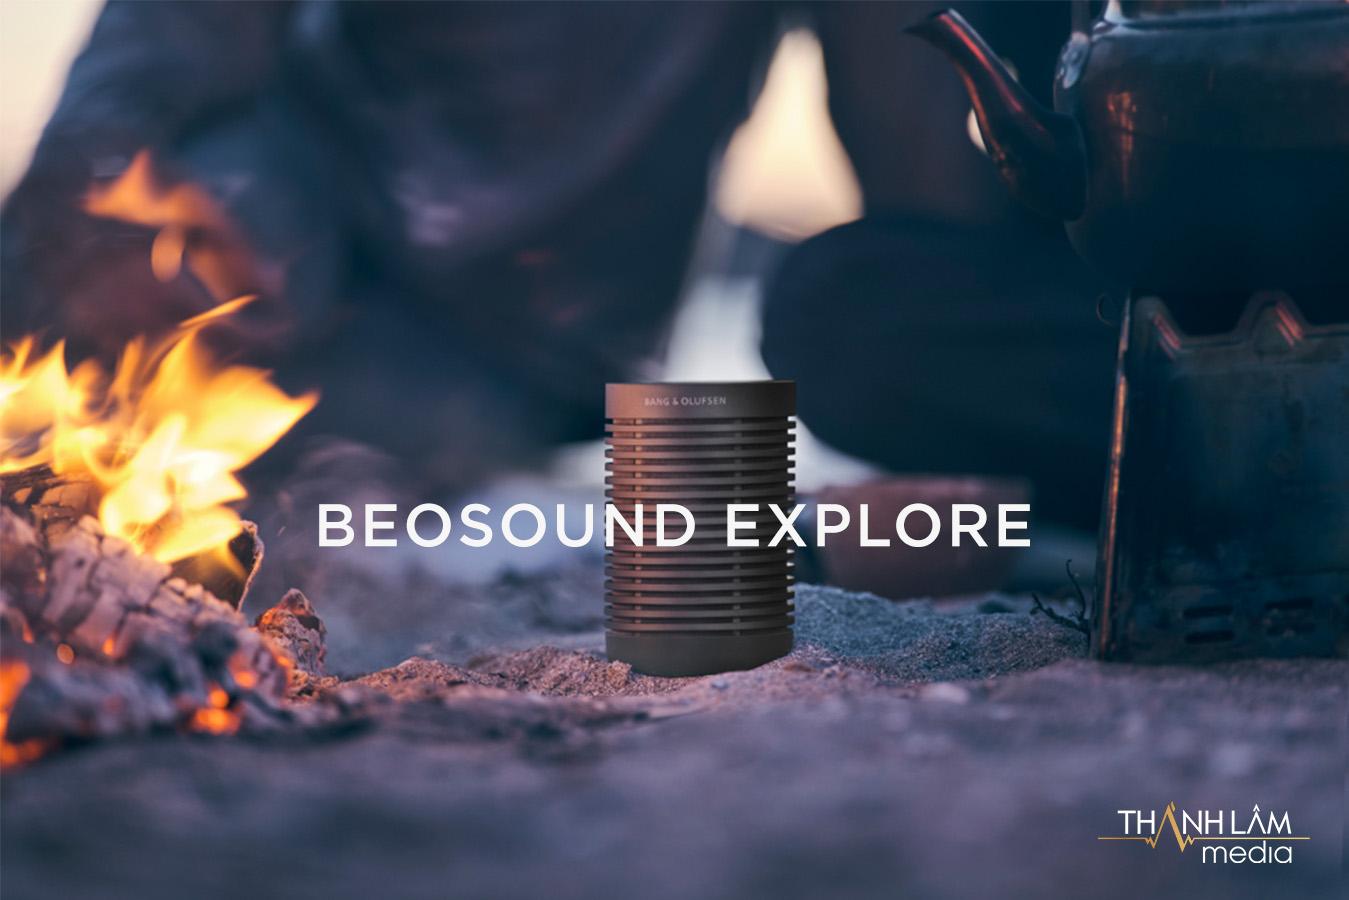 Bang & Olufsen Beosound Explore - Người đồng hành trong những chuyến phiêu lưu 20